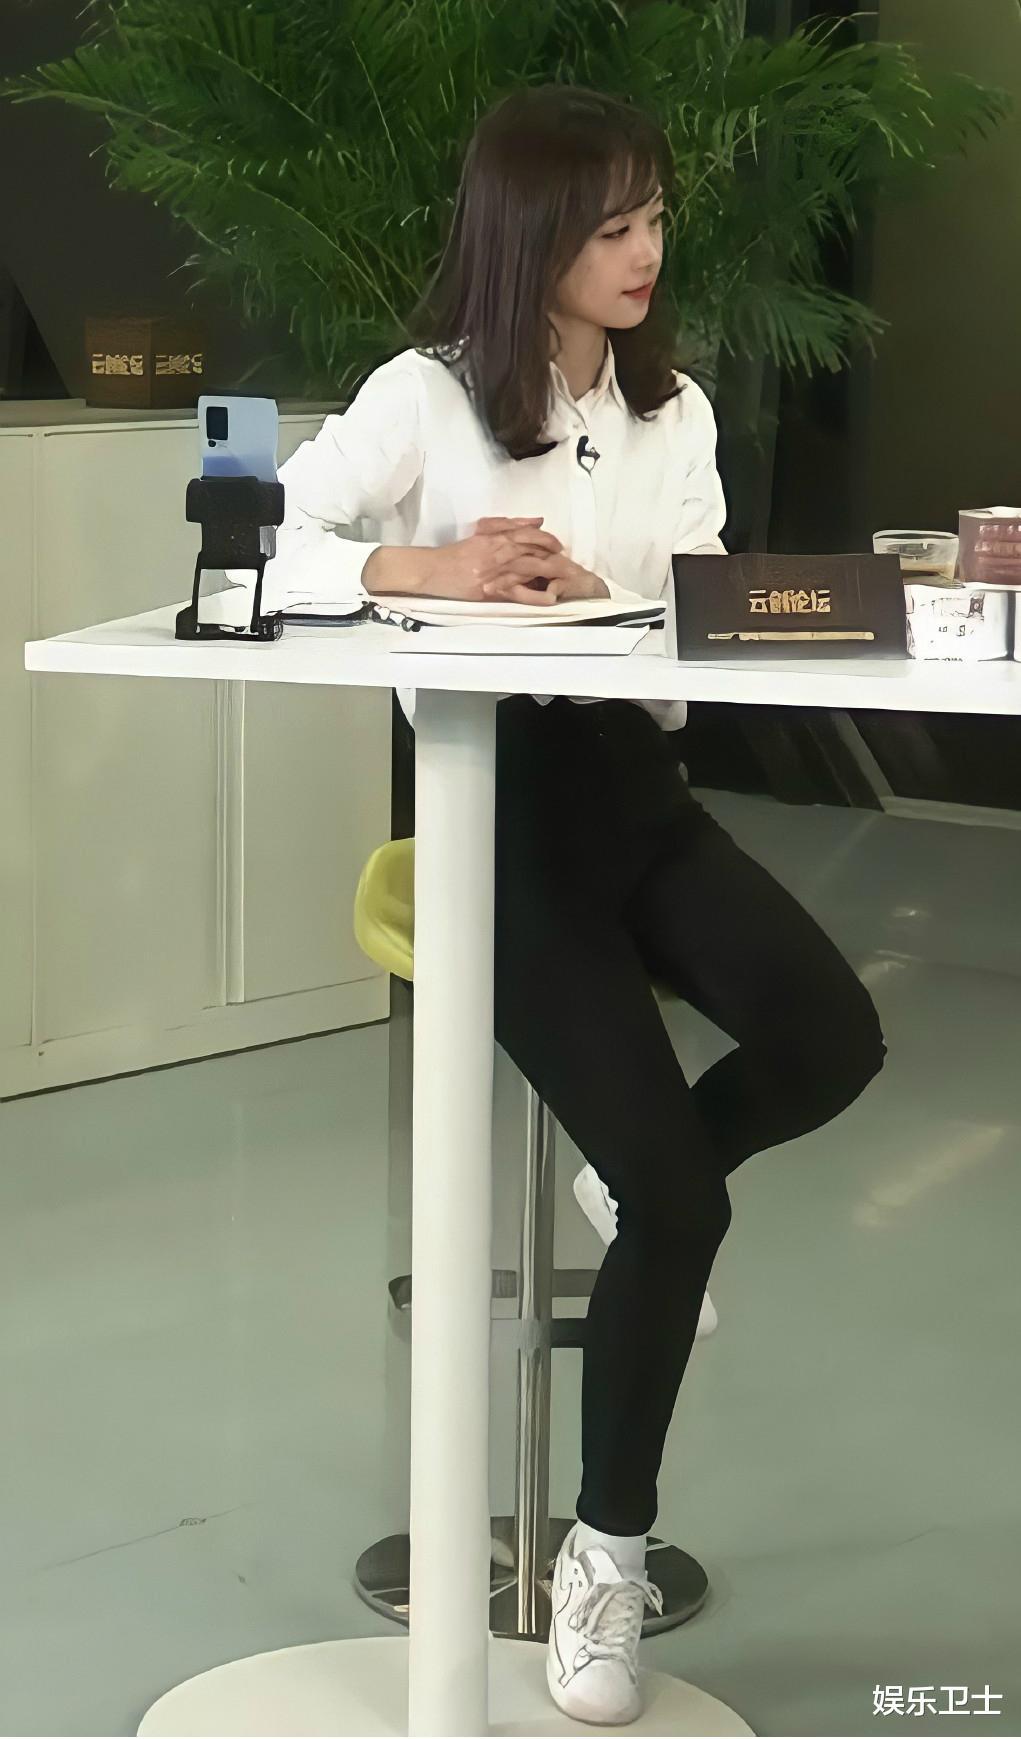 央視記者王冰冰直播造型甜爆,坐姿顯露超A身材,抽獎後網友網名令她大笑-圖6